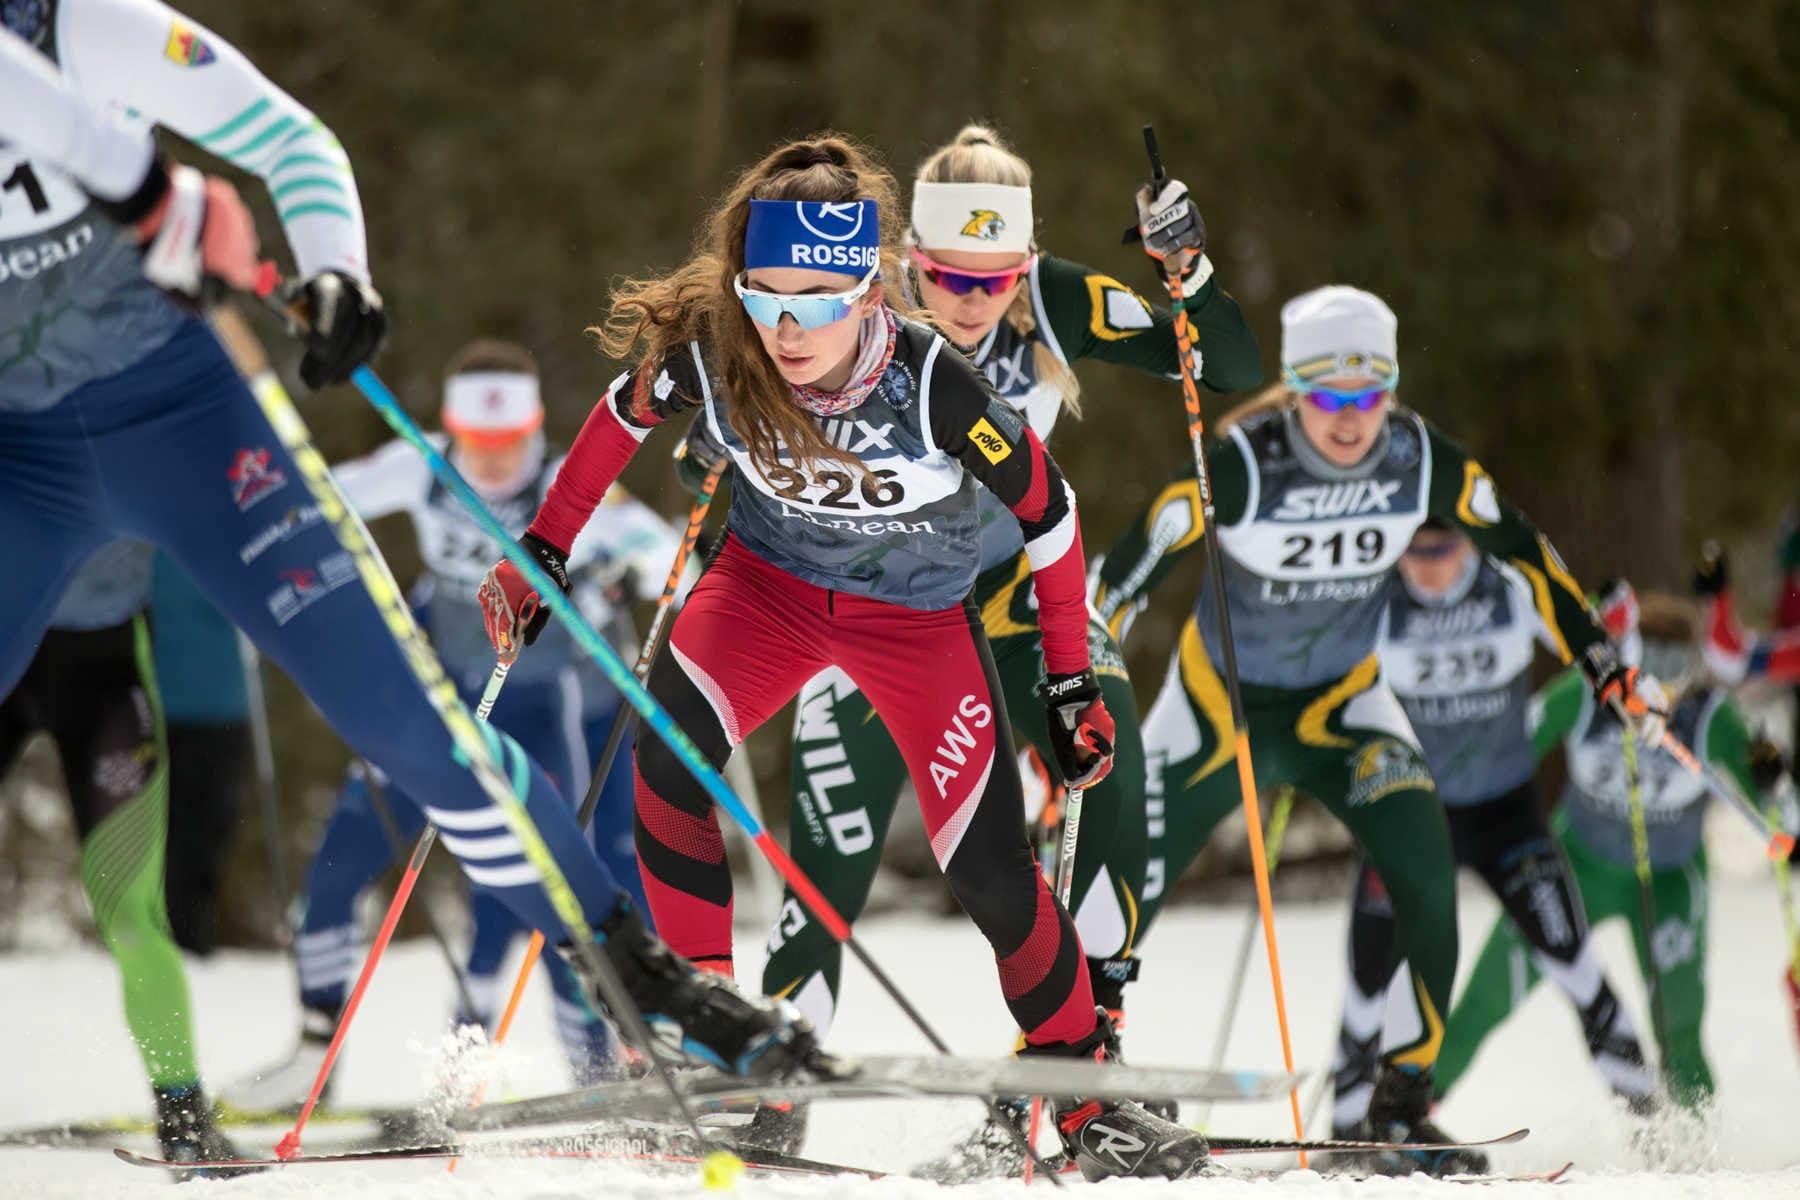 Кубок мира по лыжным гонкам 2019-2020 (Планица)